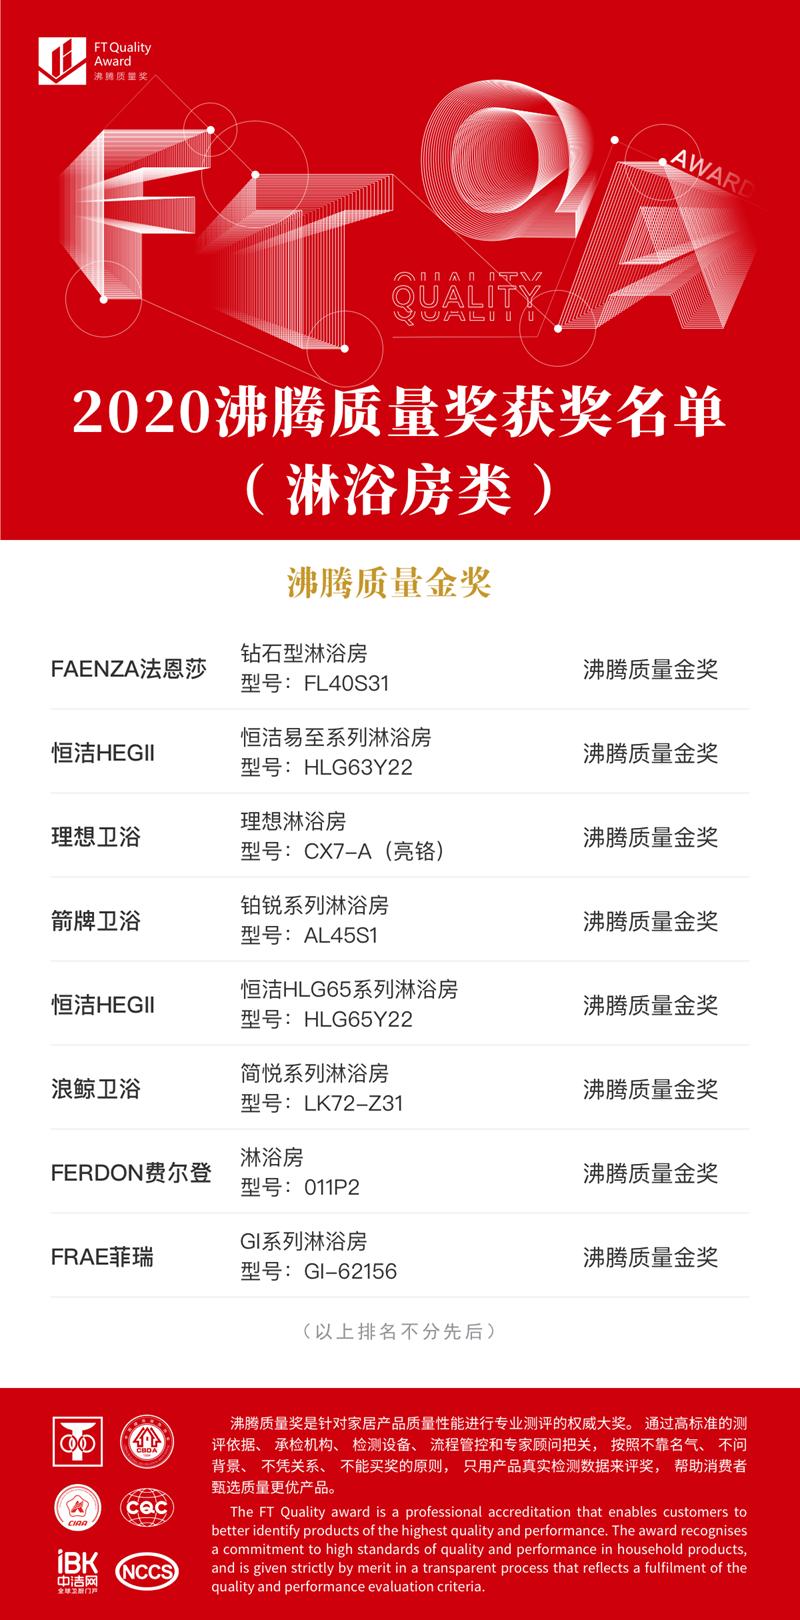 8 沸腾质量奖-淋浴房-金奖_副本.png